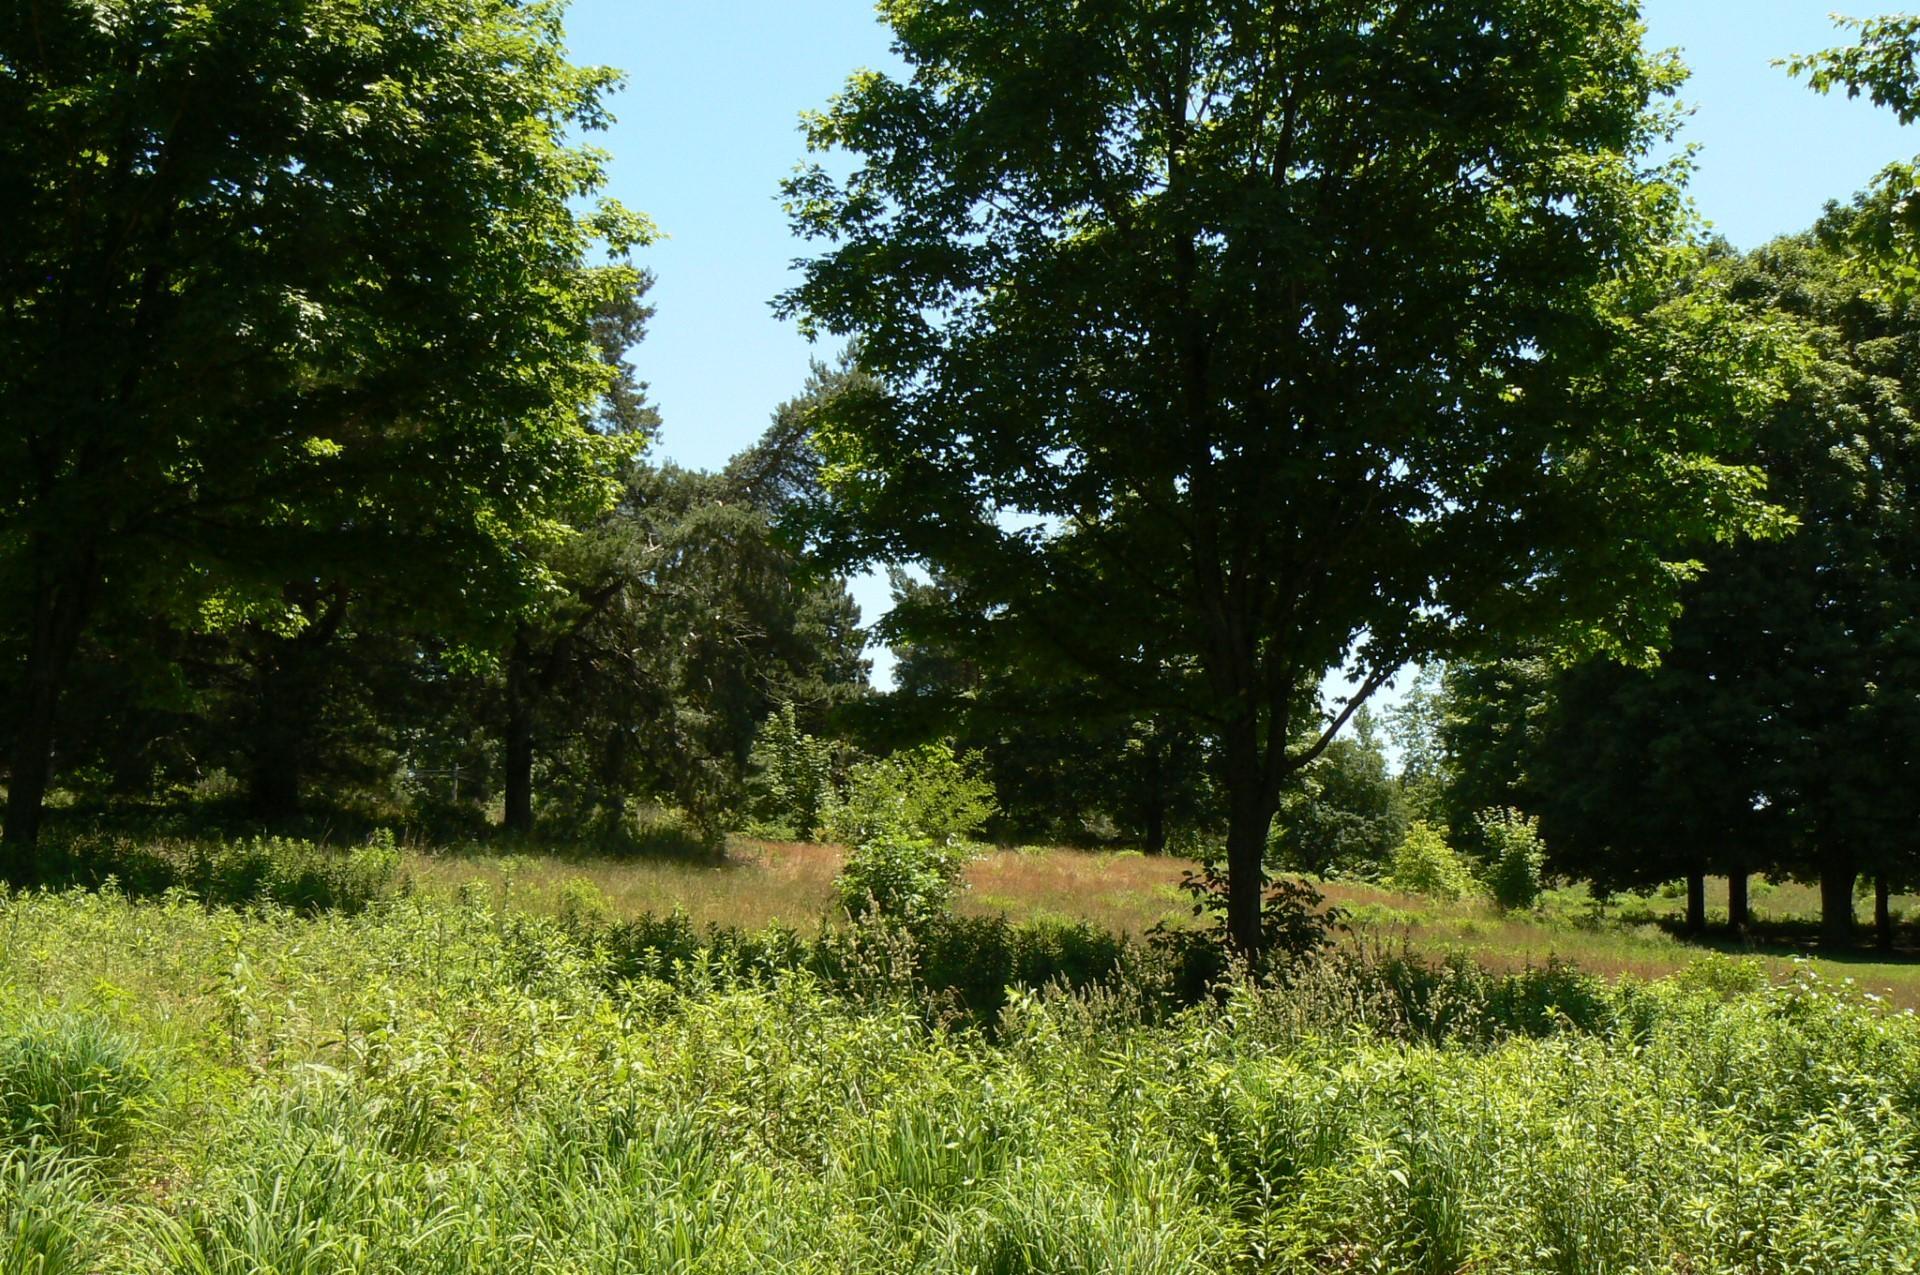 Oak savannah. Photo: Karen Yukich